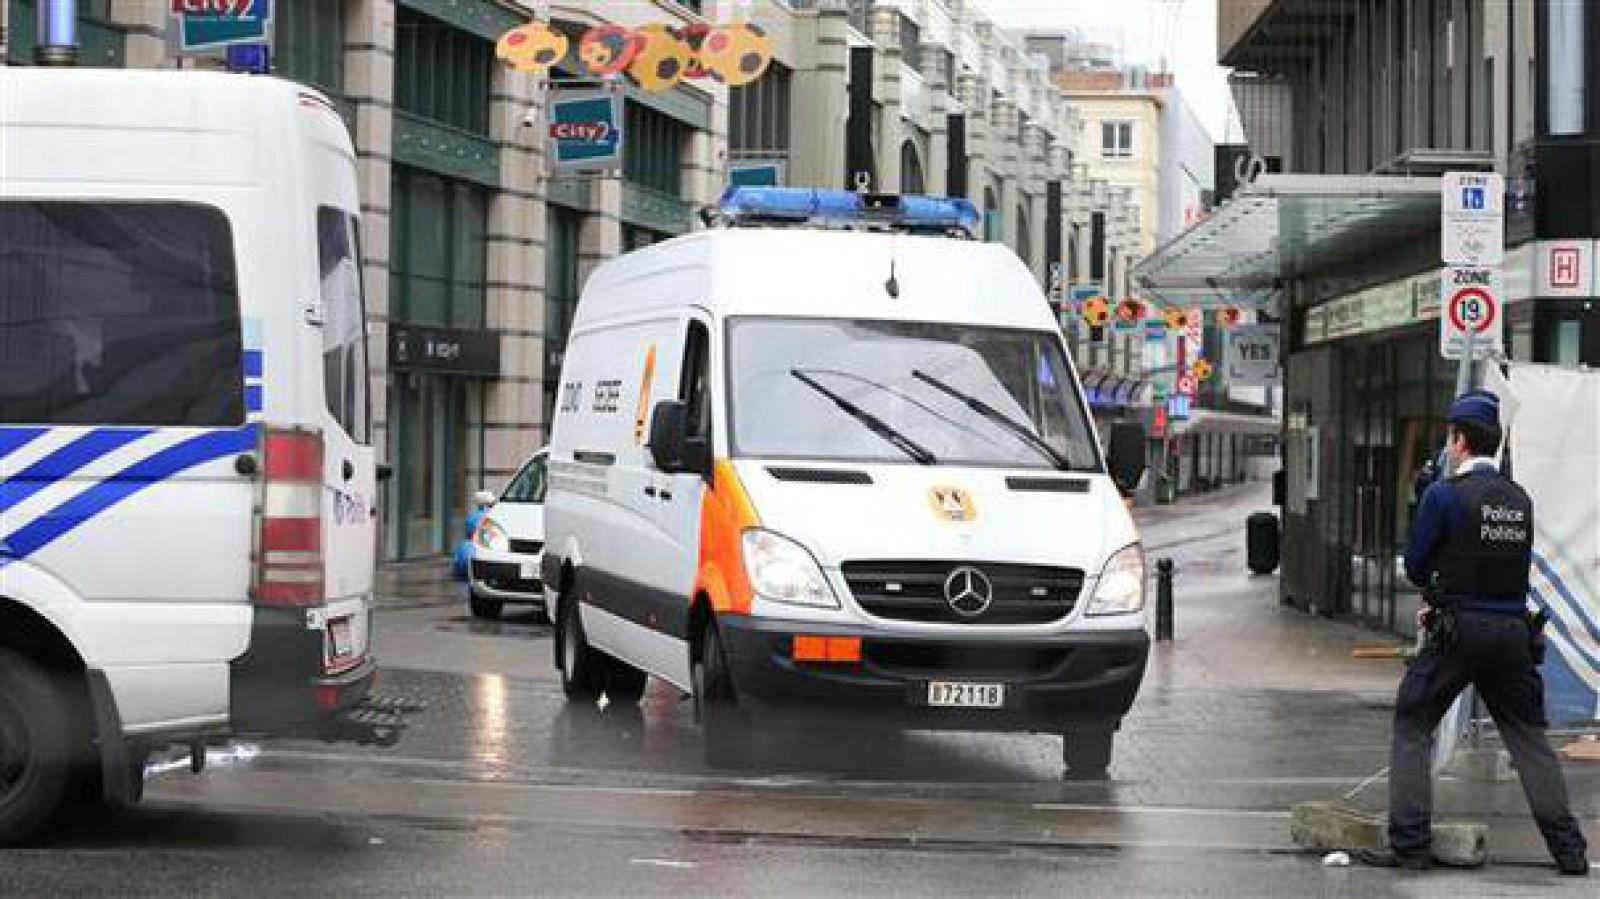 Cel puţin doi oameni au murit după ce un avion de mici dimensiuni s-a prăbuşit în Belgia